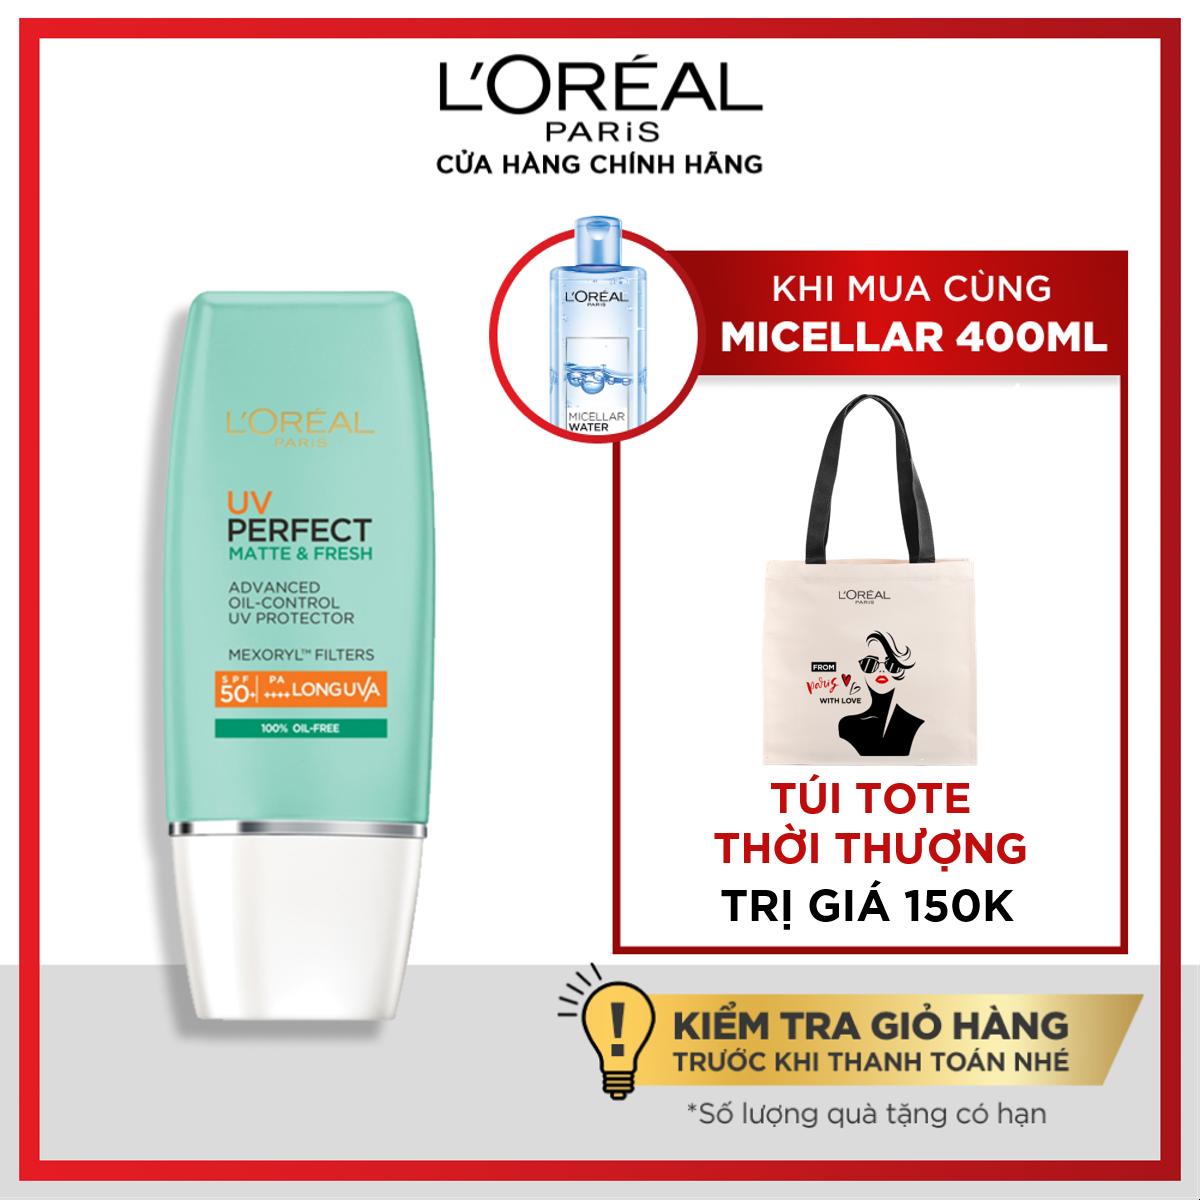 [Voucher giảm 10%] Kem chống nắng bảo vệ & dưỡng da se mịn lỗ chân lông & chống ô nhiễm L'Oreal Paris UV Perfect fresh & Matte SPF50/PA++++ 30ml